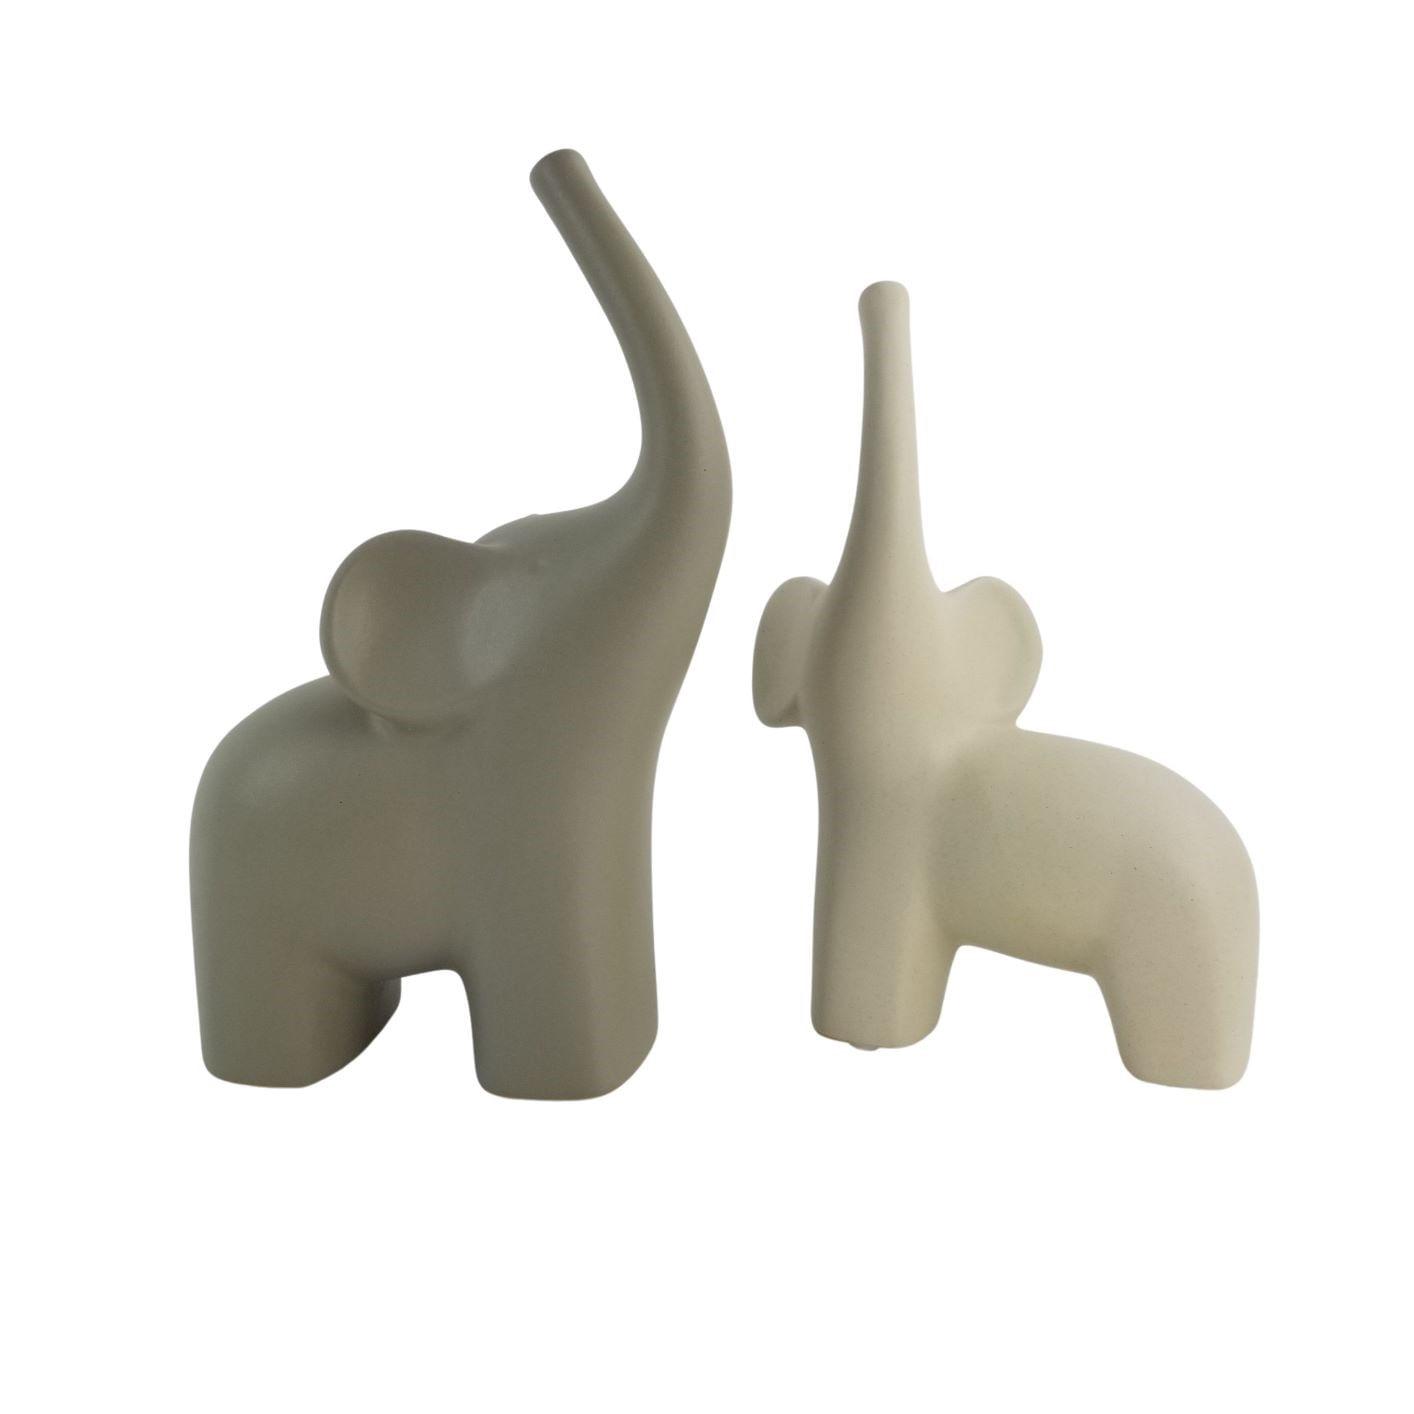 Kit Elefantes Decorativos de Cerâmica - Cinza e Off-White